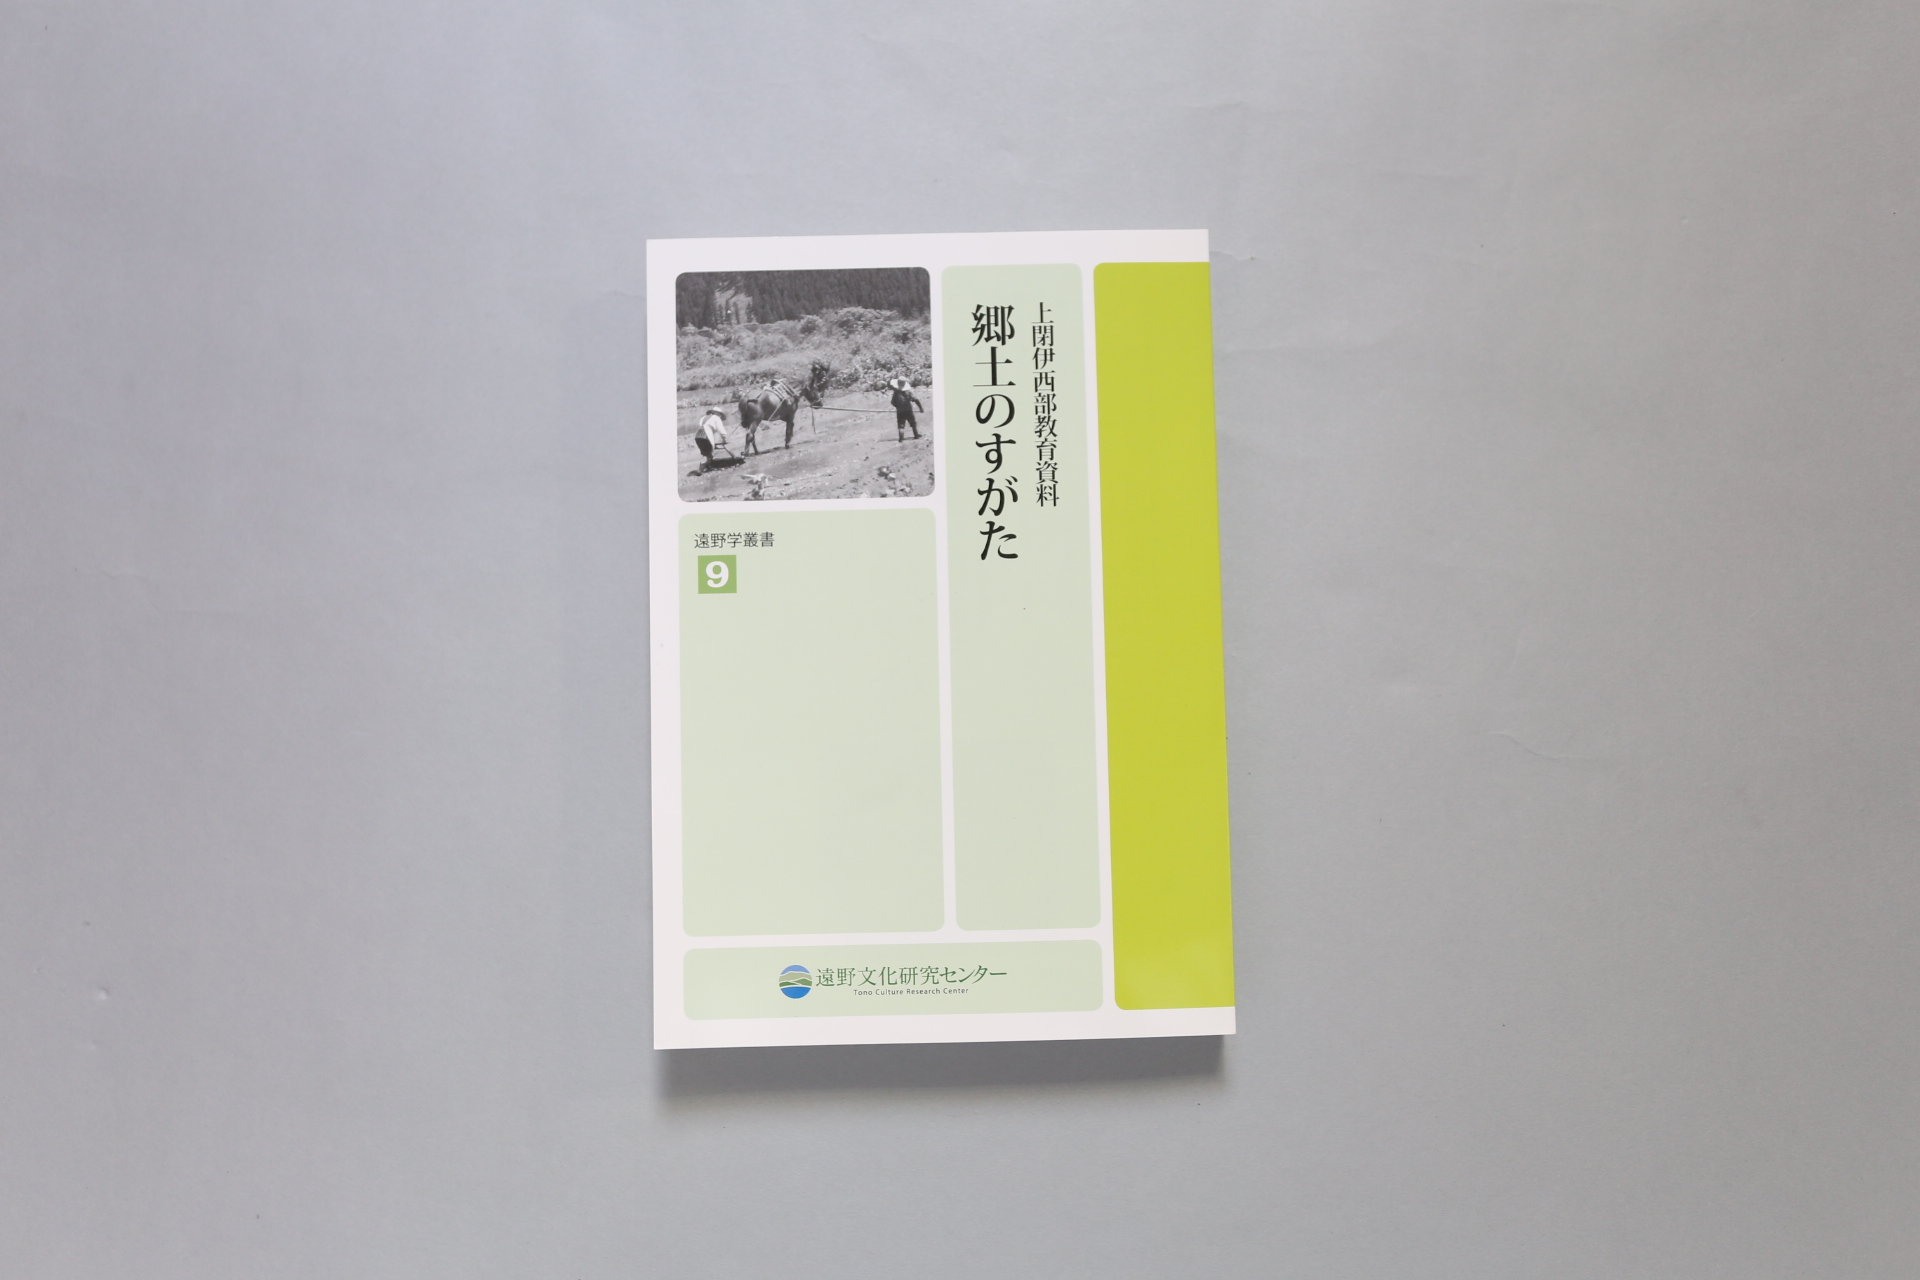 遠野学叢書第9巻 『郷土のすがた』